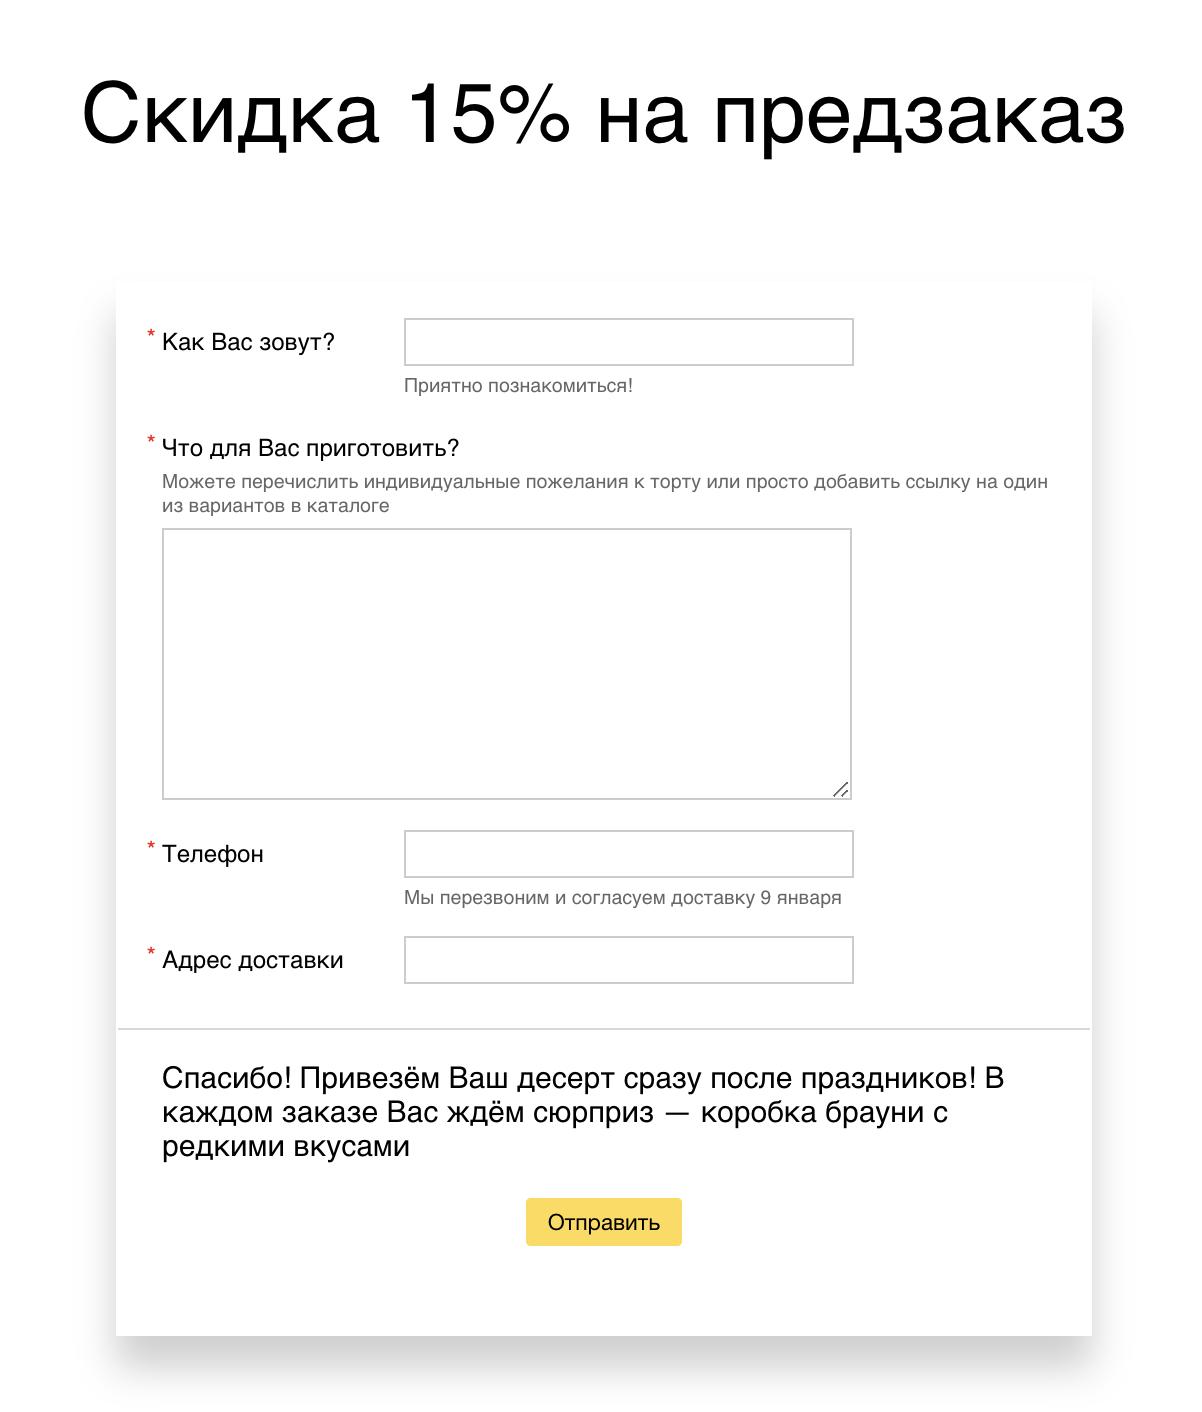 Яндекс рассказал, как не упустить аудиторию в новогодние праздники